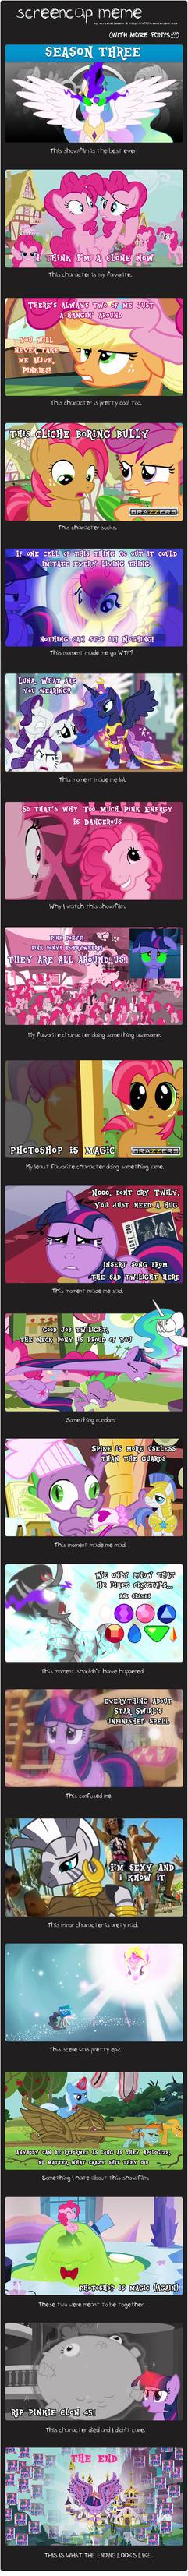 MLP SEASON 3: Screencap Meme by Eriarte